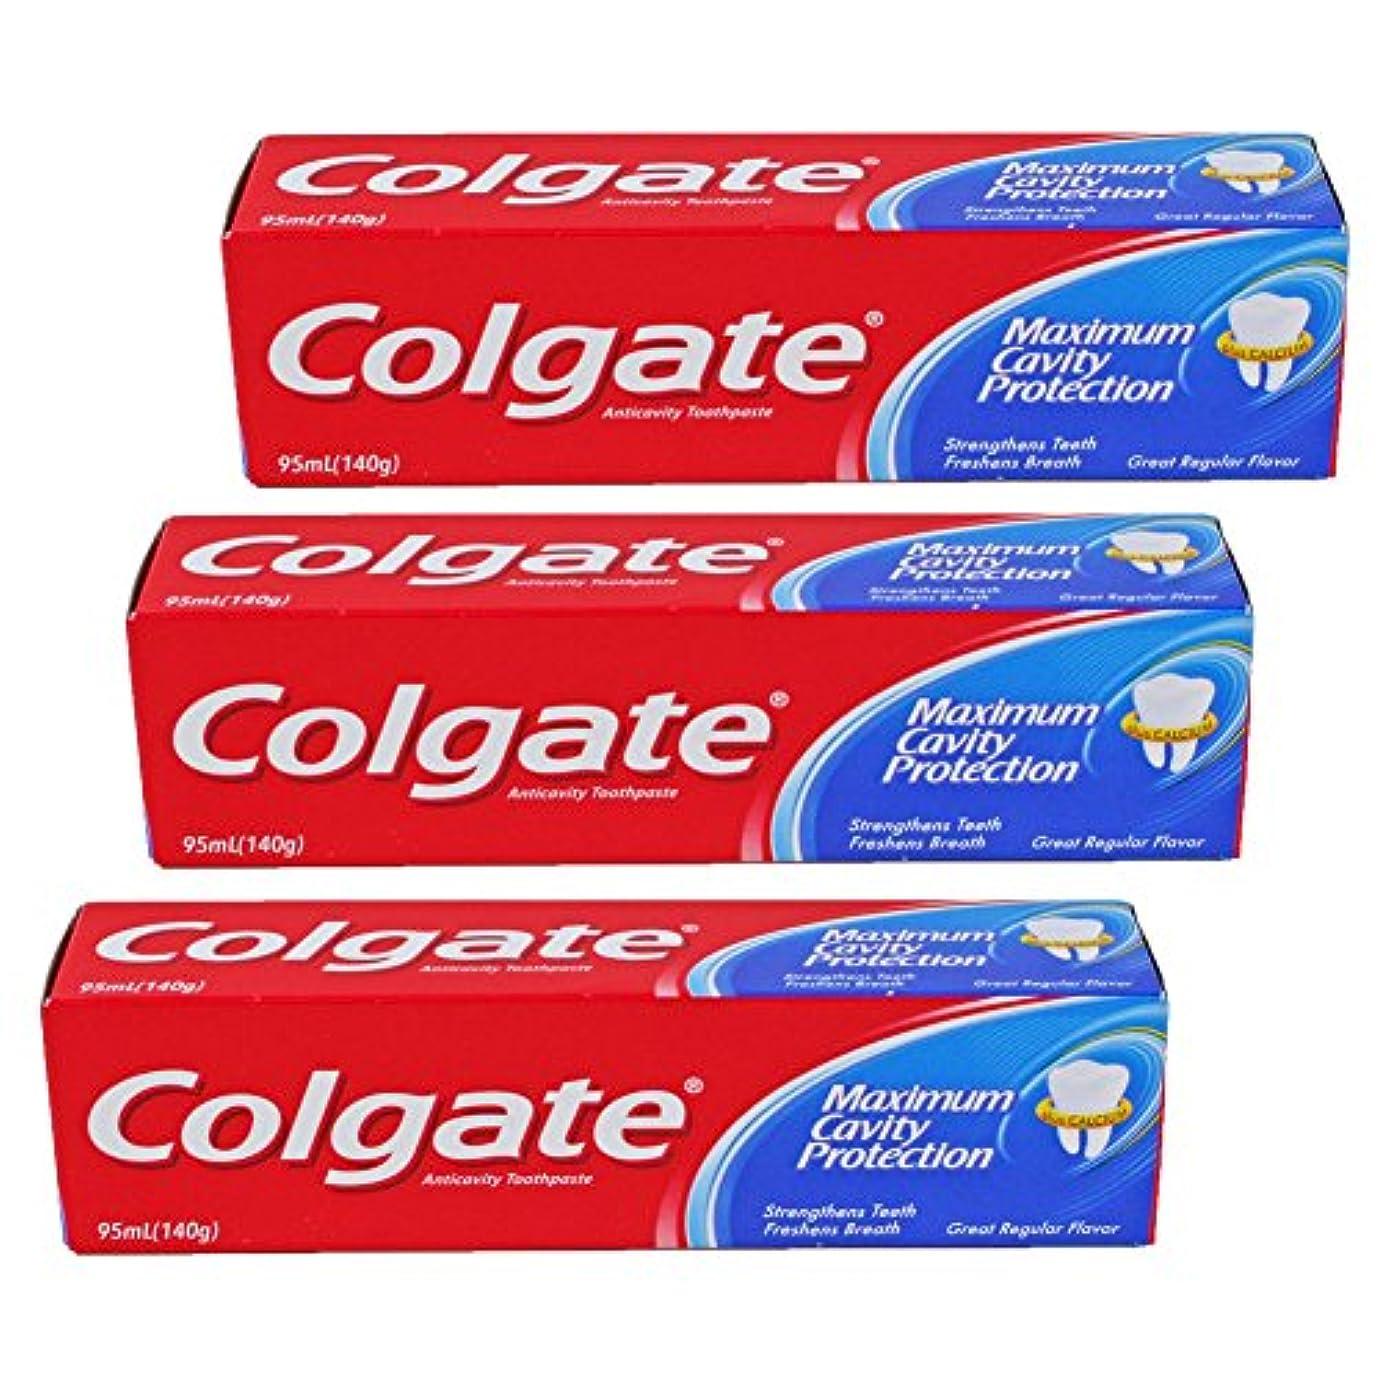 遺棄されたロッカー乳製品コルゲート Colgate MaximumCavityProtection (95mL)140g 3個セット [並行輸入品]